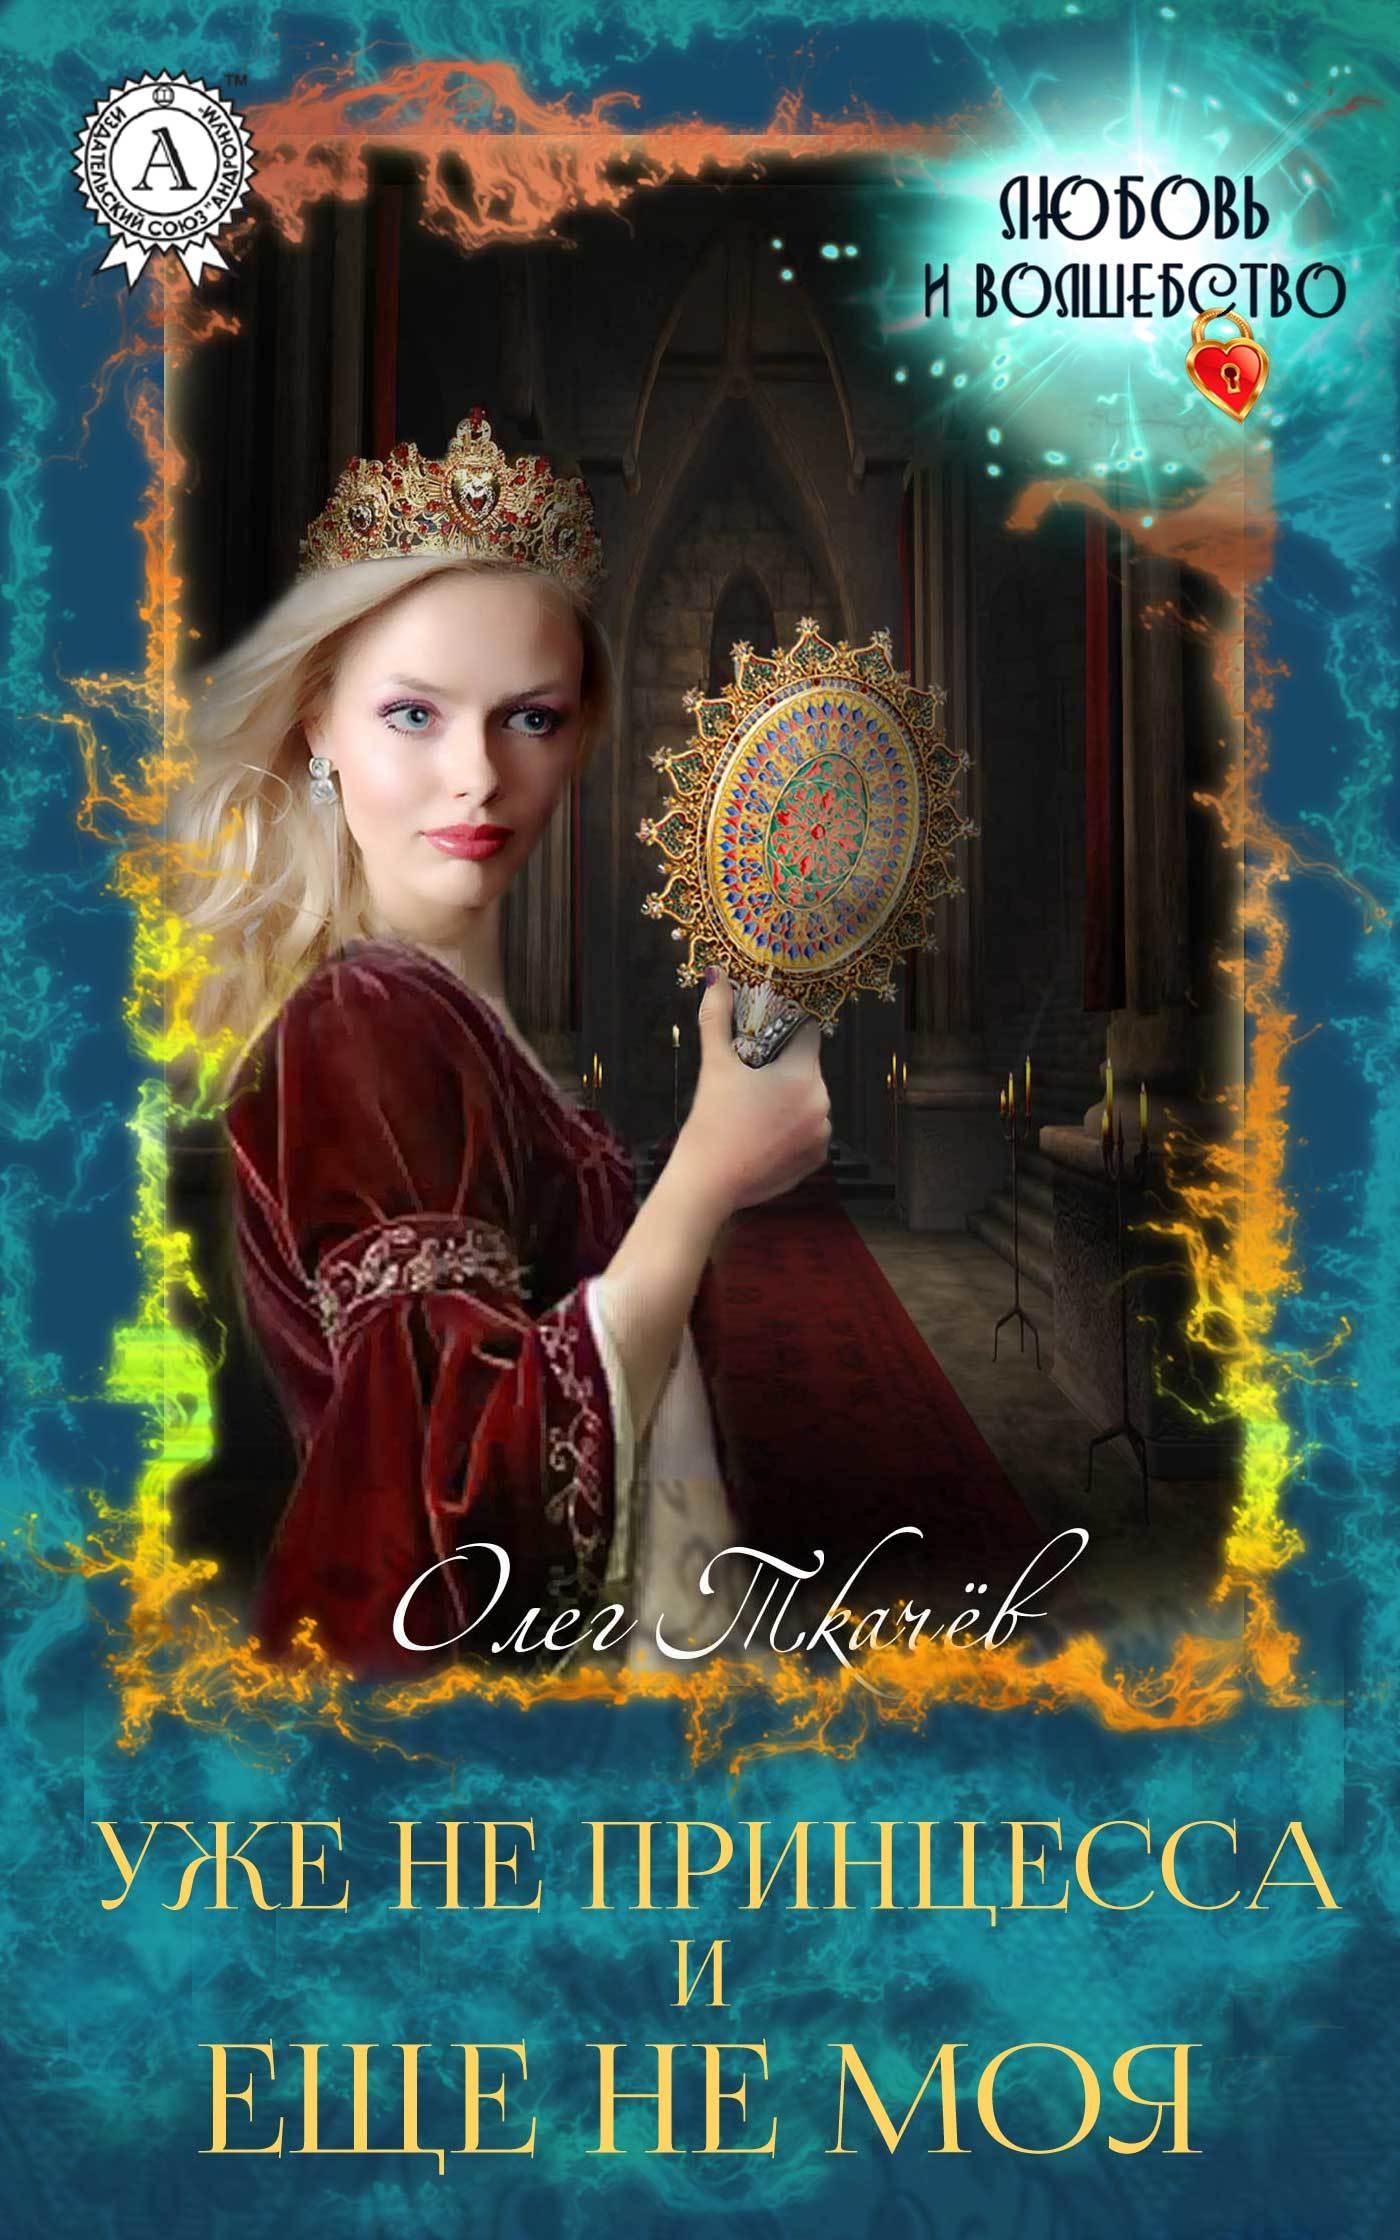 Обложка книги Уже не принцесса и еще не моя, автор Ткачёв, Олег